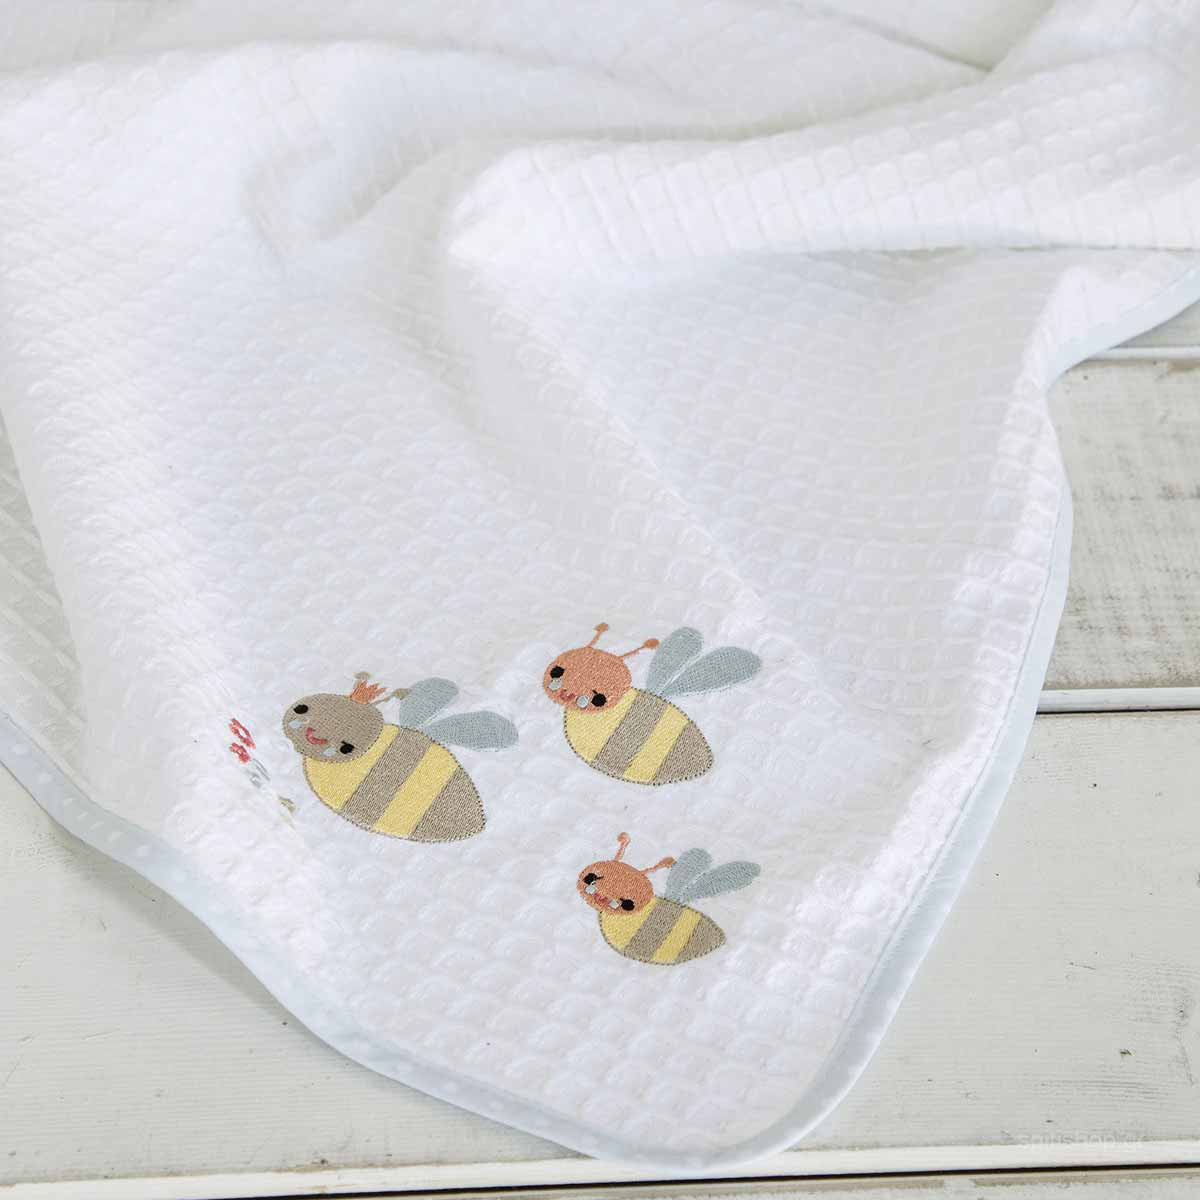 Κουβέρτα Πικέ Αγκαλιάς Nima Baby Yo-Yo home   βρεφικά   κουβέρτες βρεφικές   κουβέρτες καλοκαιρινές